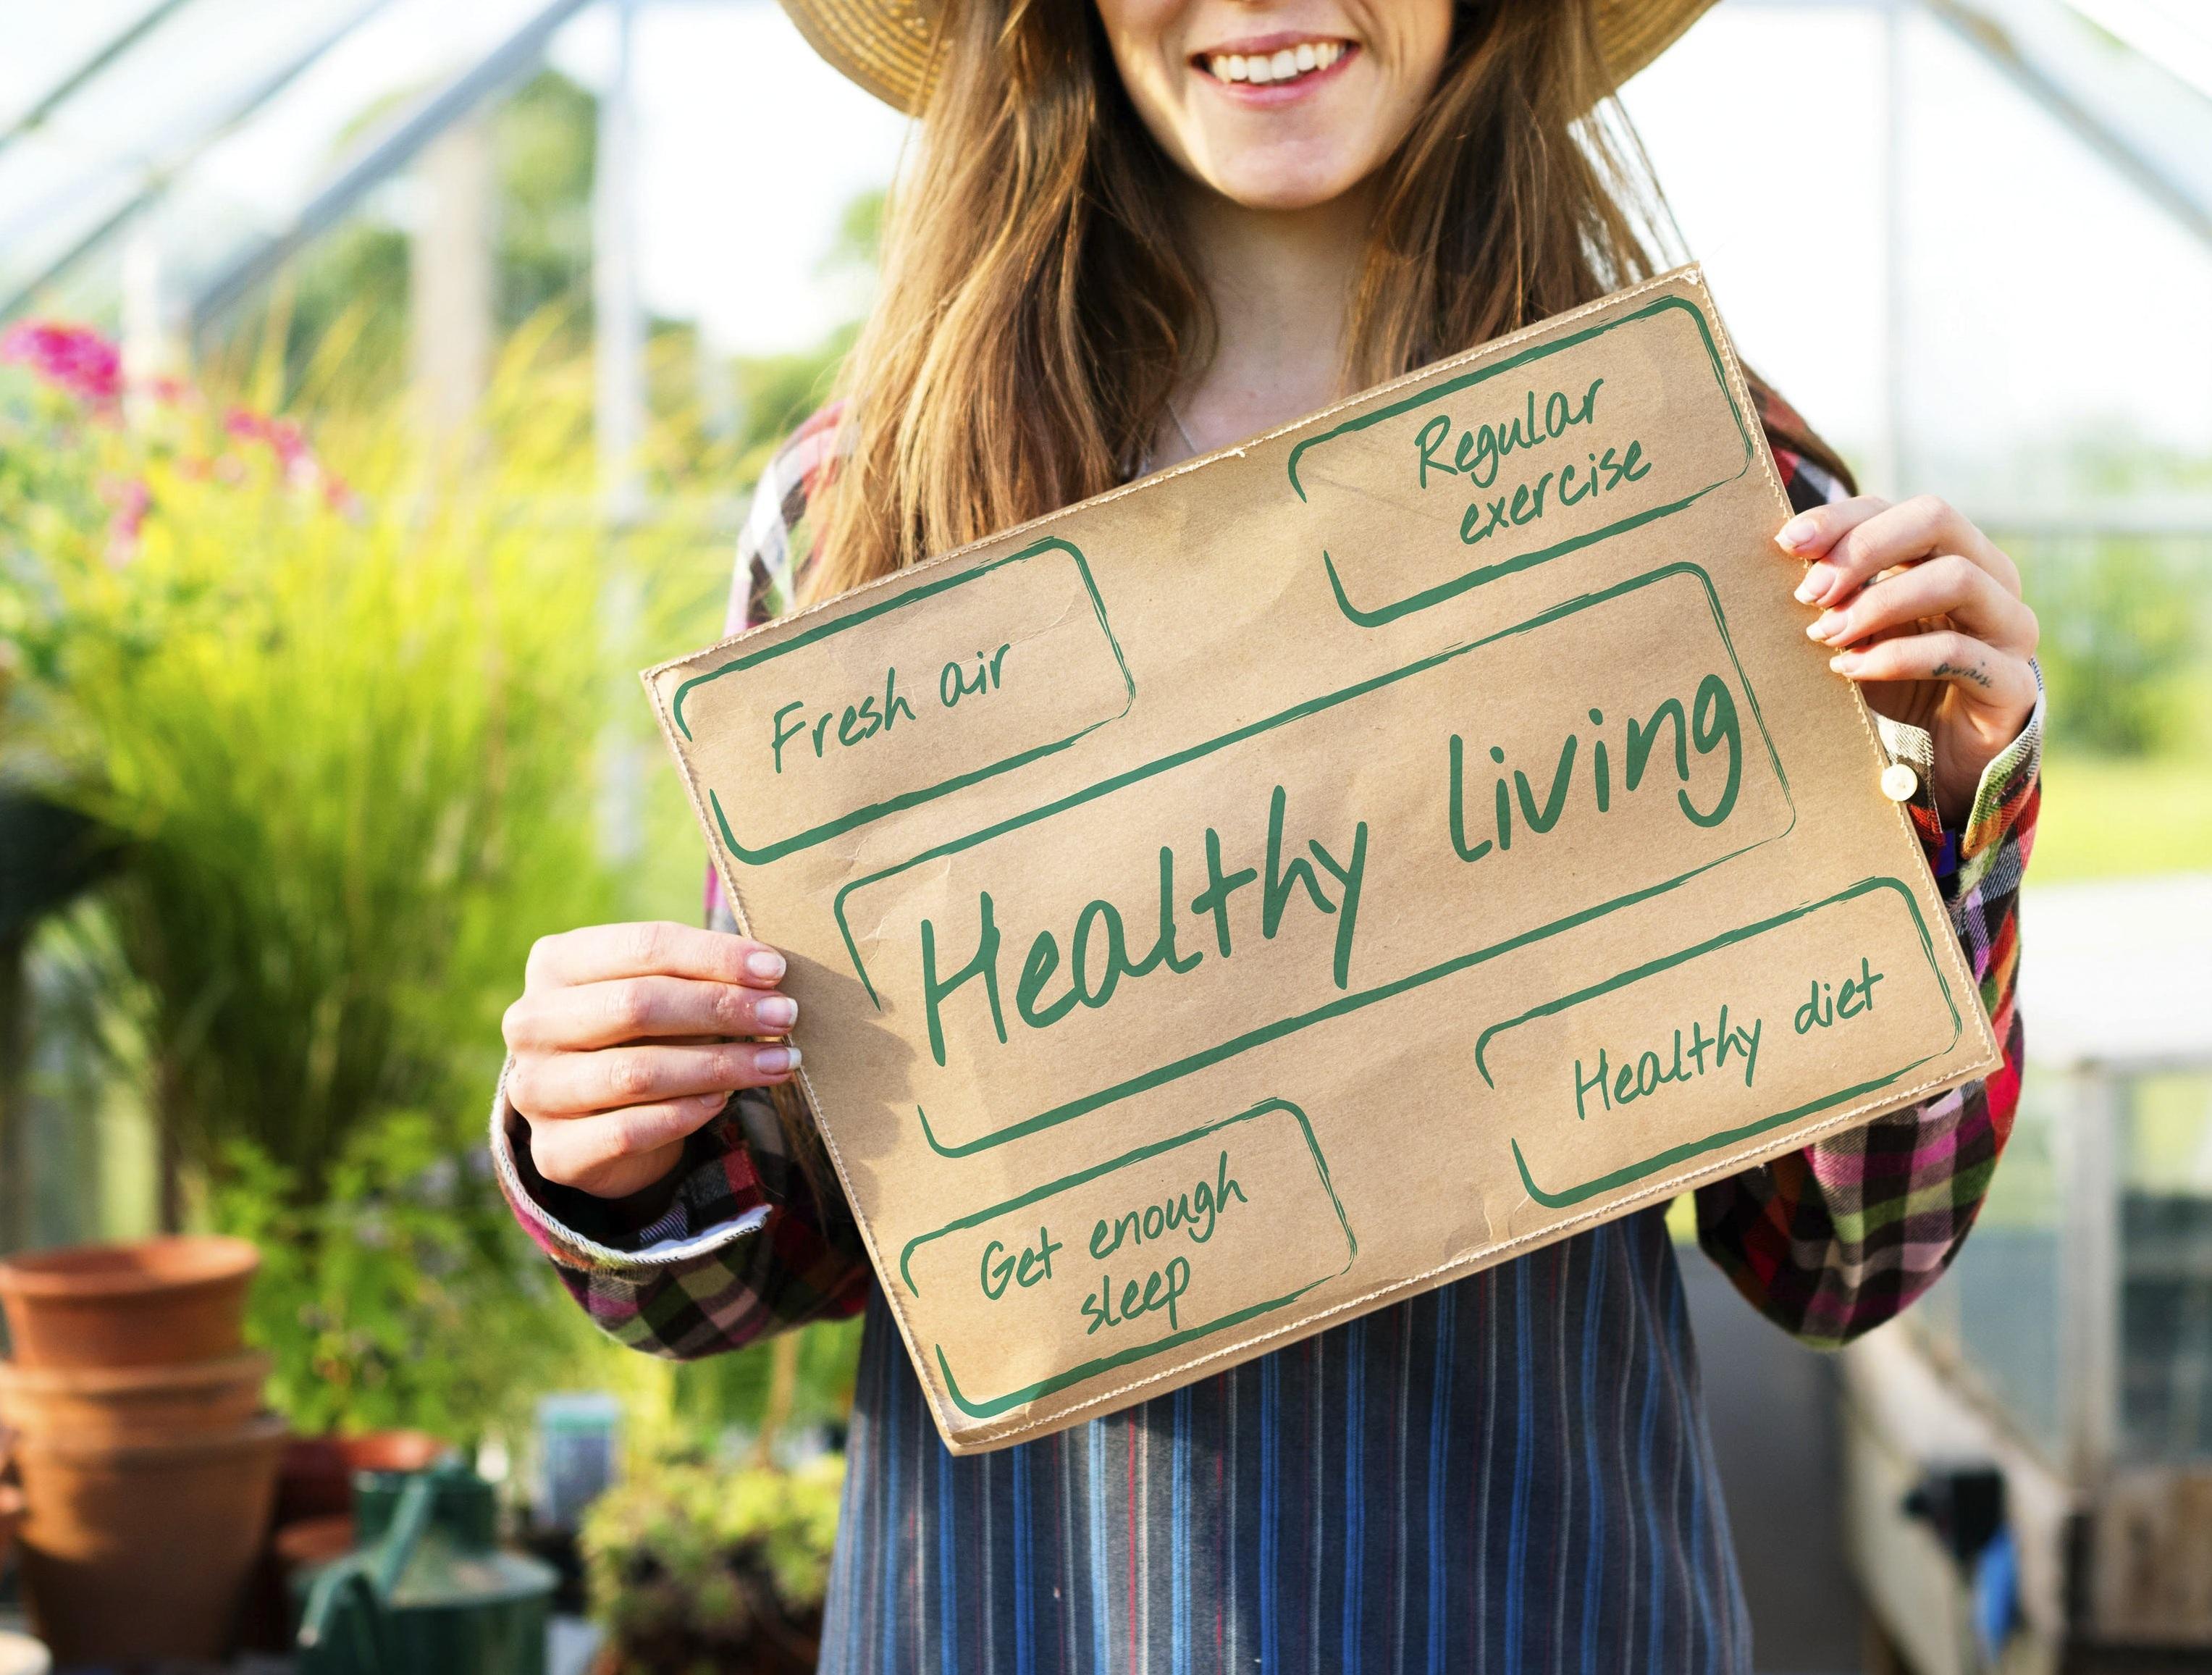 Notre philosophie.  Healthy lifestyle : une bonne hygiène alimentaire, une activité physique régulière, un sommeil suffisant, des moments de respiration